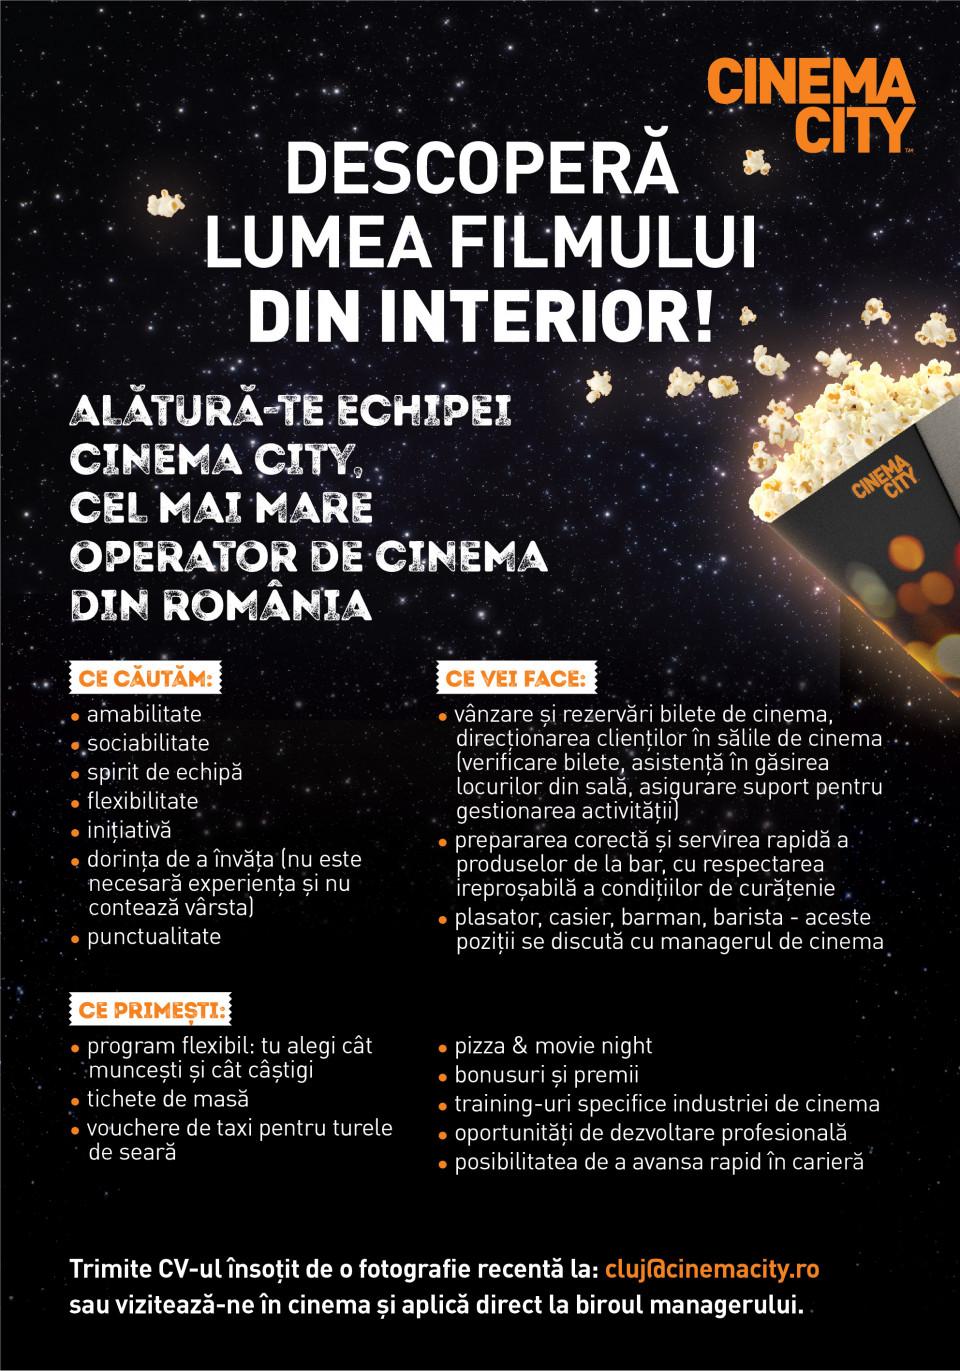 DESCOPERĂ LUMEA FILMULUI DIN INTERIOR!  Alătură-te echipei Cinema City, cel mai mare operator de cinema din România.  Cum ne dorim sa fie noul nostru coleg:  Cu atitudine pozitivă Dornic să învețe (nu este necesară experiența și nu contează vârsta) Punctual Cu bune abilități de comunicare și relaționare Amabil Să îi placă să lucreze în echipă Determinat Cu inițiativă Căutăm colegi care să descopere cu entuziasm lumea filmului din interior pentru următoarele roluri  Barman / Barista / Casier / Plasator  În funcție de rolul potrivit pentru tine, responsabilitățile generale ar putea fi:  - vânzarea de bilete și rezervări bilete de cinema, direcționarea clienților în cinema (verificare bilete, asistență în găsirea locurilor din sală, asigurare suport pentru gestionarea activității);  - preparea corectă și servirea rapidă a produselor de la bar sau cafenea, cu respectarea ireproșabilă a condițiilor de curățenie;  - întâmpinarea clienților și oferirea informațiilor corecte despre produsele noastre;  Barman / Barista / Casier / Plasator – aceste poziții se discută în cadrul interviului.  Ce îți garantăm:  - Program flexibil (tu alegi cât muncești și cât câștigi) - Tichete de masa - Pizza & Movie night - Bonusuri și premii - Training-uri specifice industriei de cinema - Vouchere de taxi pentru turele de seară - Oportunități de dezvoltare profesională - Posibilitatea de a avansa rapid în carieră  Punem accent pe dezvoltarea oamenilor și ne dorim ca fiecare coleg să fie foarte bine pregătit profesional existând șanse de promovare. Dezvoltă și tu o carieră în industria de cinema!  Trimite CV-ul insotit de o fotografie recenta la: cluj@cinemacity.ro sau viziteaza-ne in cinema si aplica direct la biroul managerului.  Te așteptăm cu drag! Descoperă lumea filmului din interior!Alătură-te echipei Cinema City, cel mai mare operator de cinema din România, parte din Cineworld, al doilea mare lanț de cinematografe din lume!Ne dorim să fim cel mai bun loc unde se vizionează filmele și s